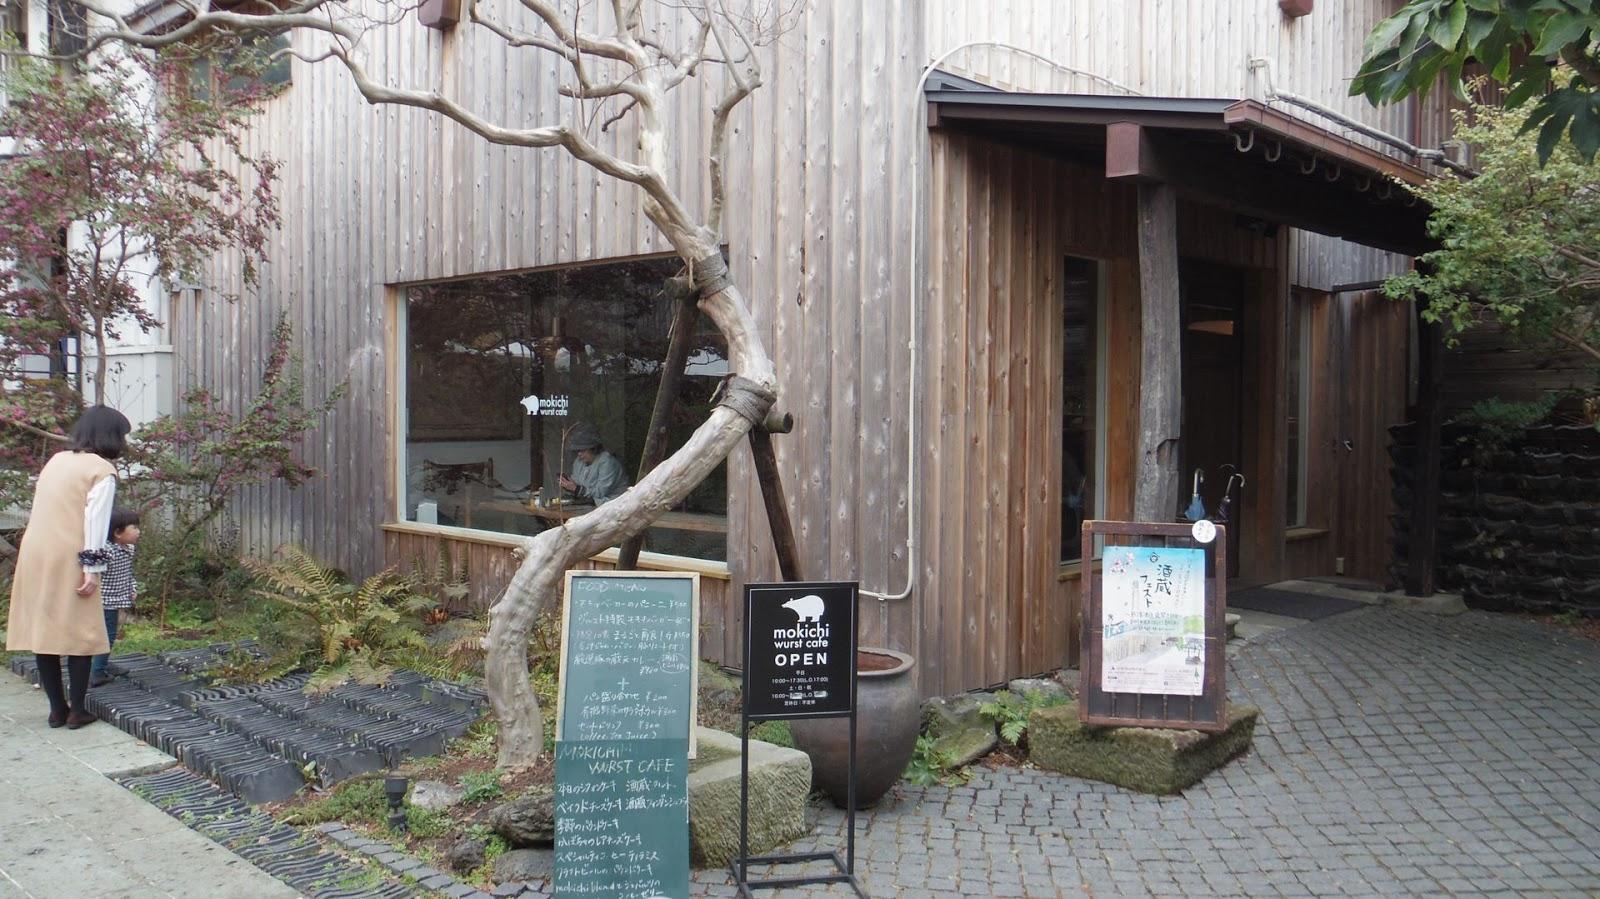 ふるカフェのモキチヴルストカフェは茅ヶ崎太陽のようなカフェ!場所やおすすめメニューや駐車場は?【ハルさんの休日 】